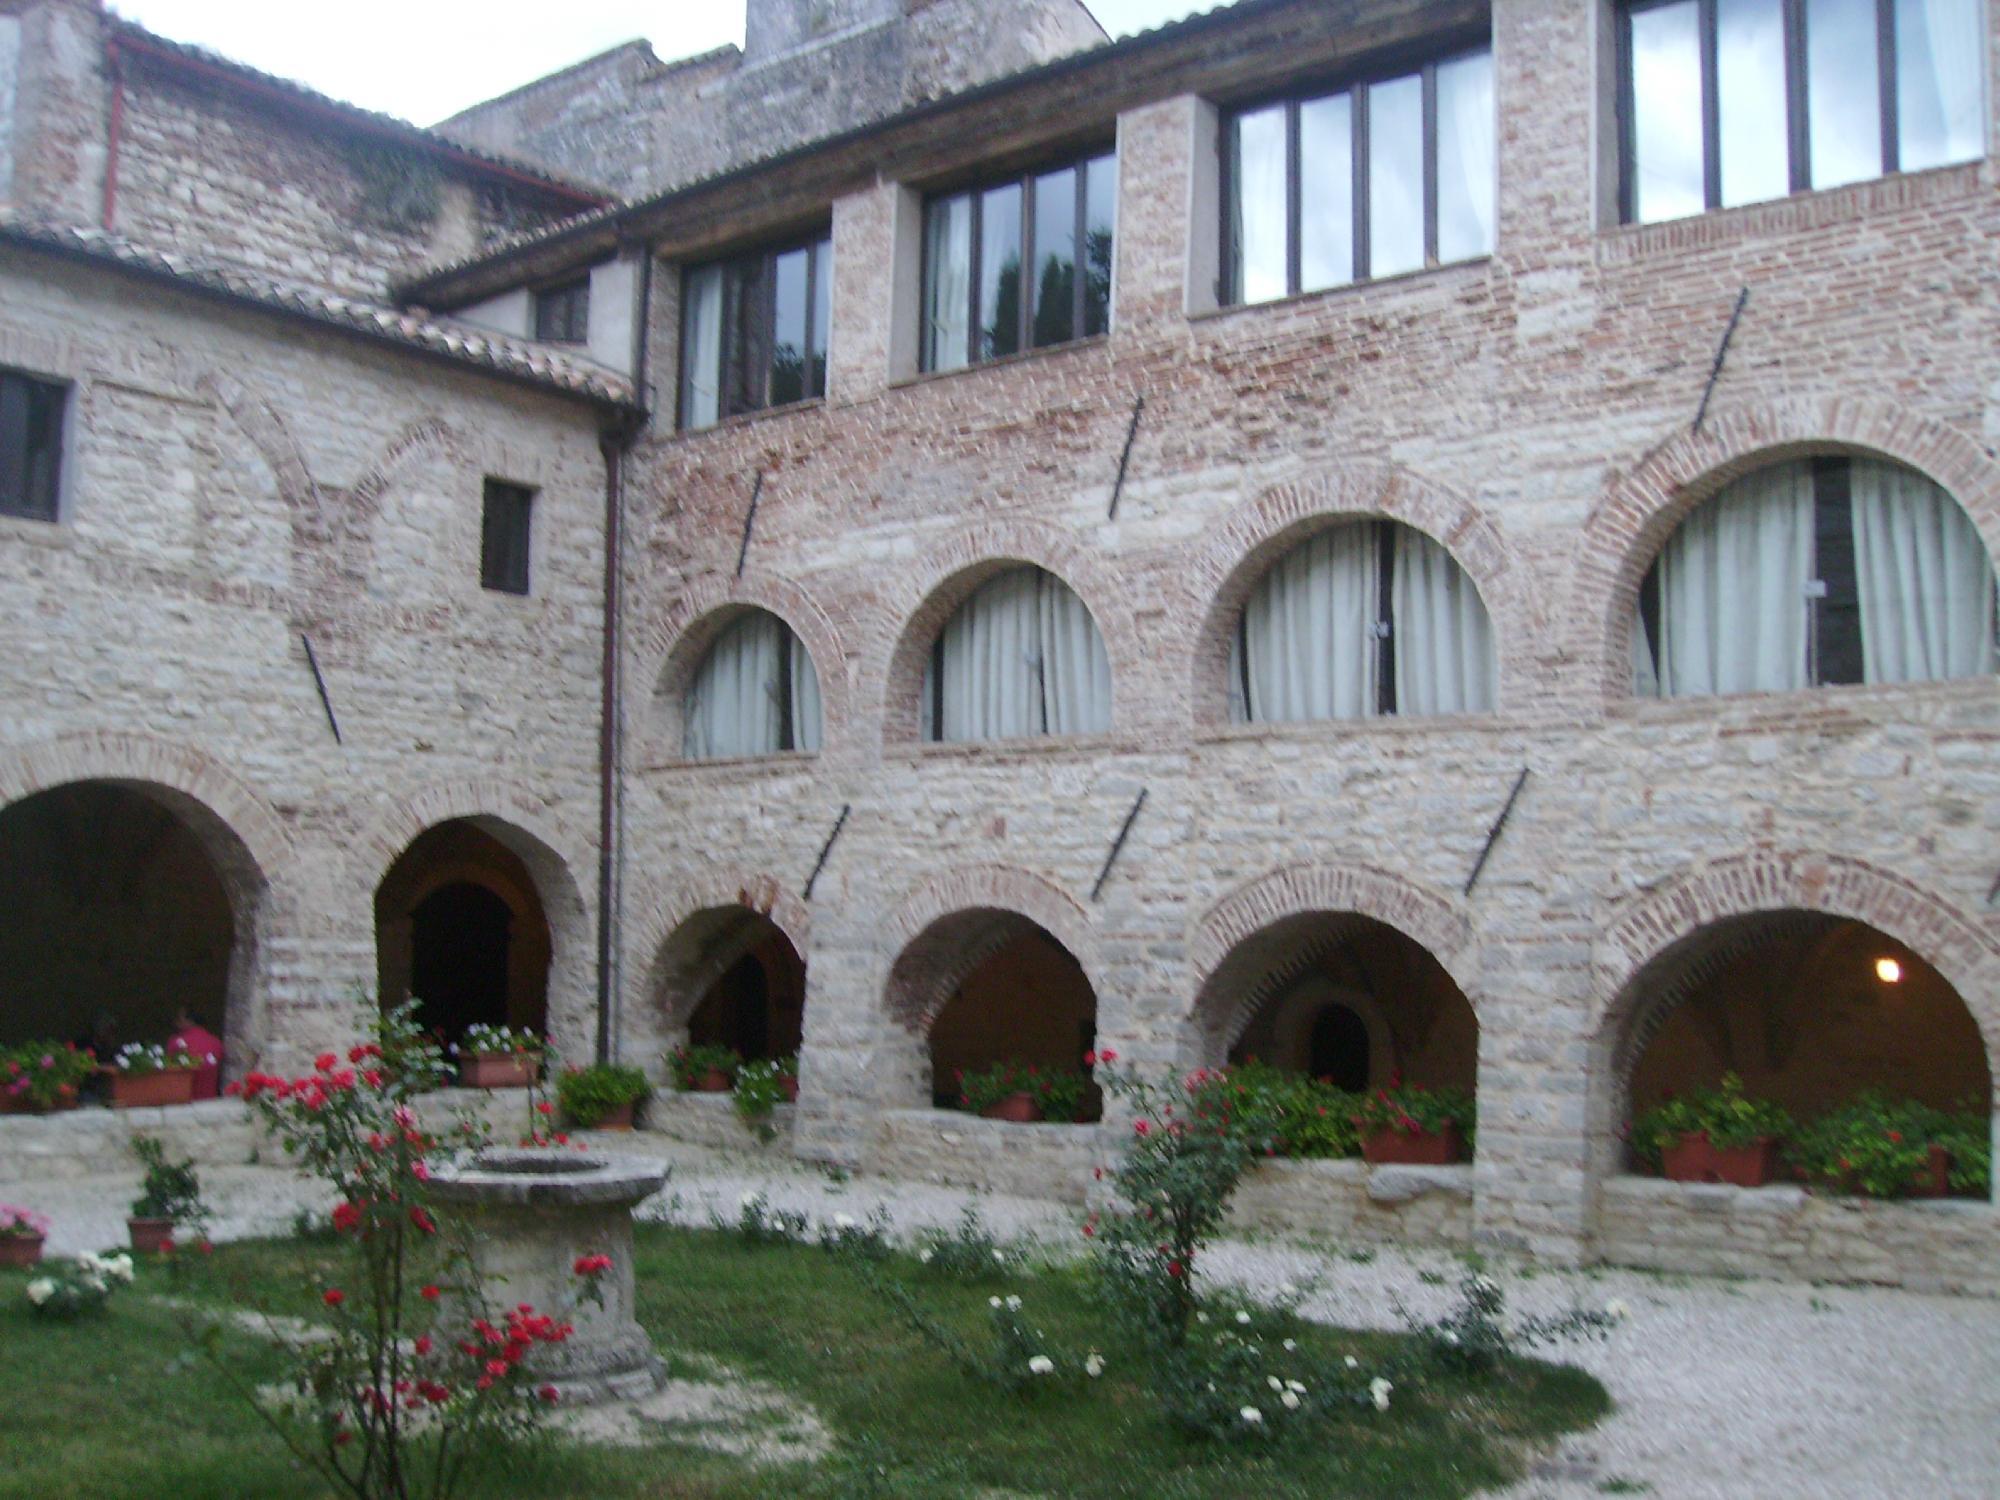 Agriturismo Abbazia di San Salvatore in Valdicastro